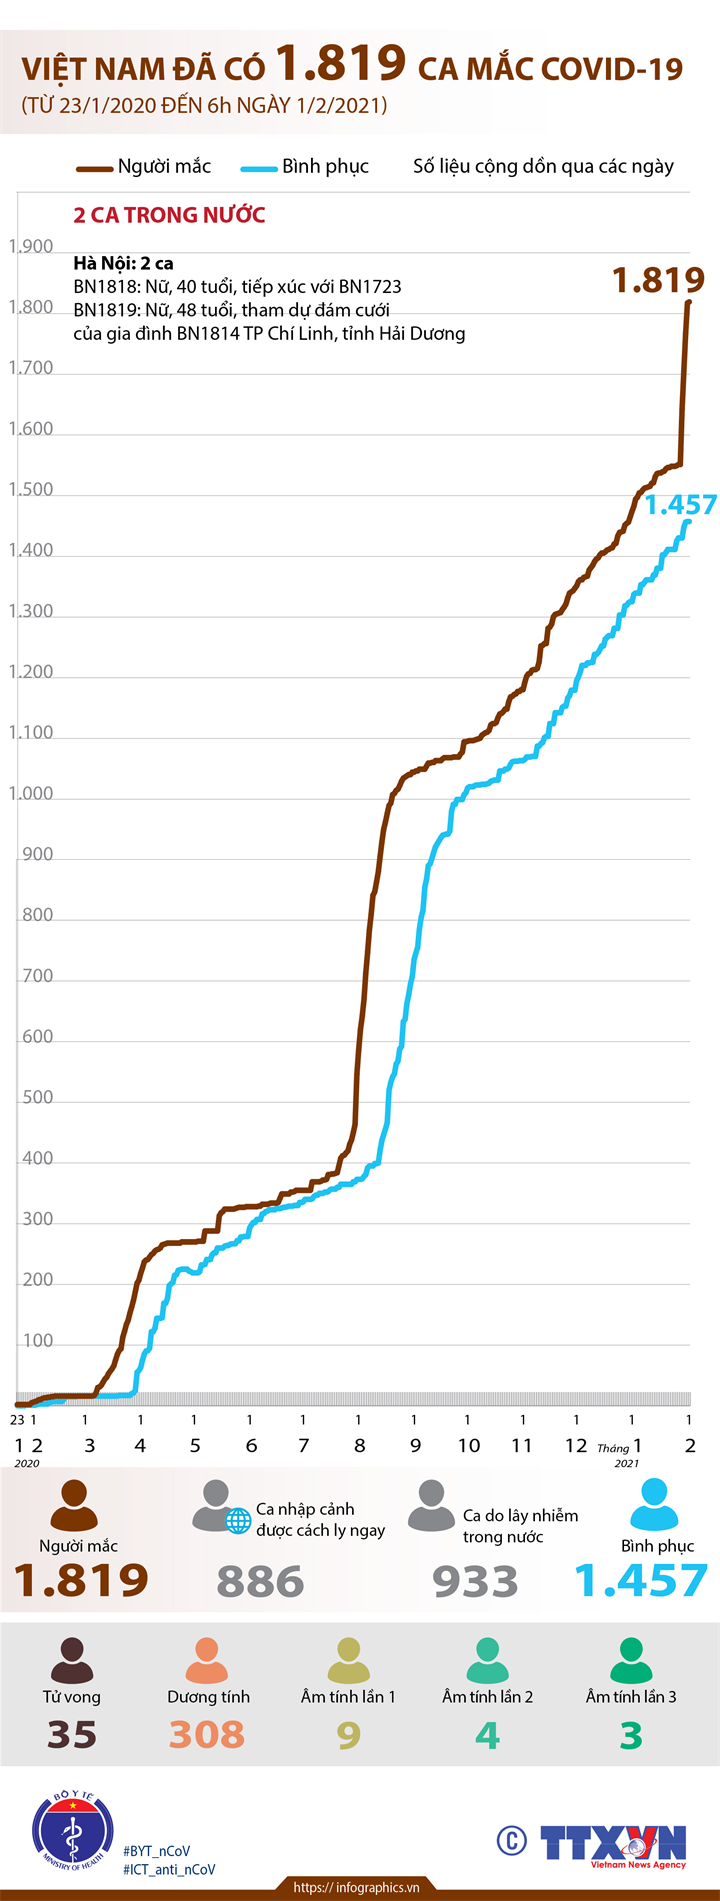 Việt Nam đã có 1.819 ca mắc COVID-19 (từ 23/1/2020 đến 6h ngày 1/2/2021)